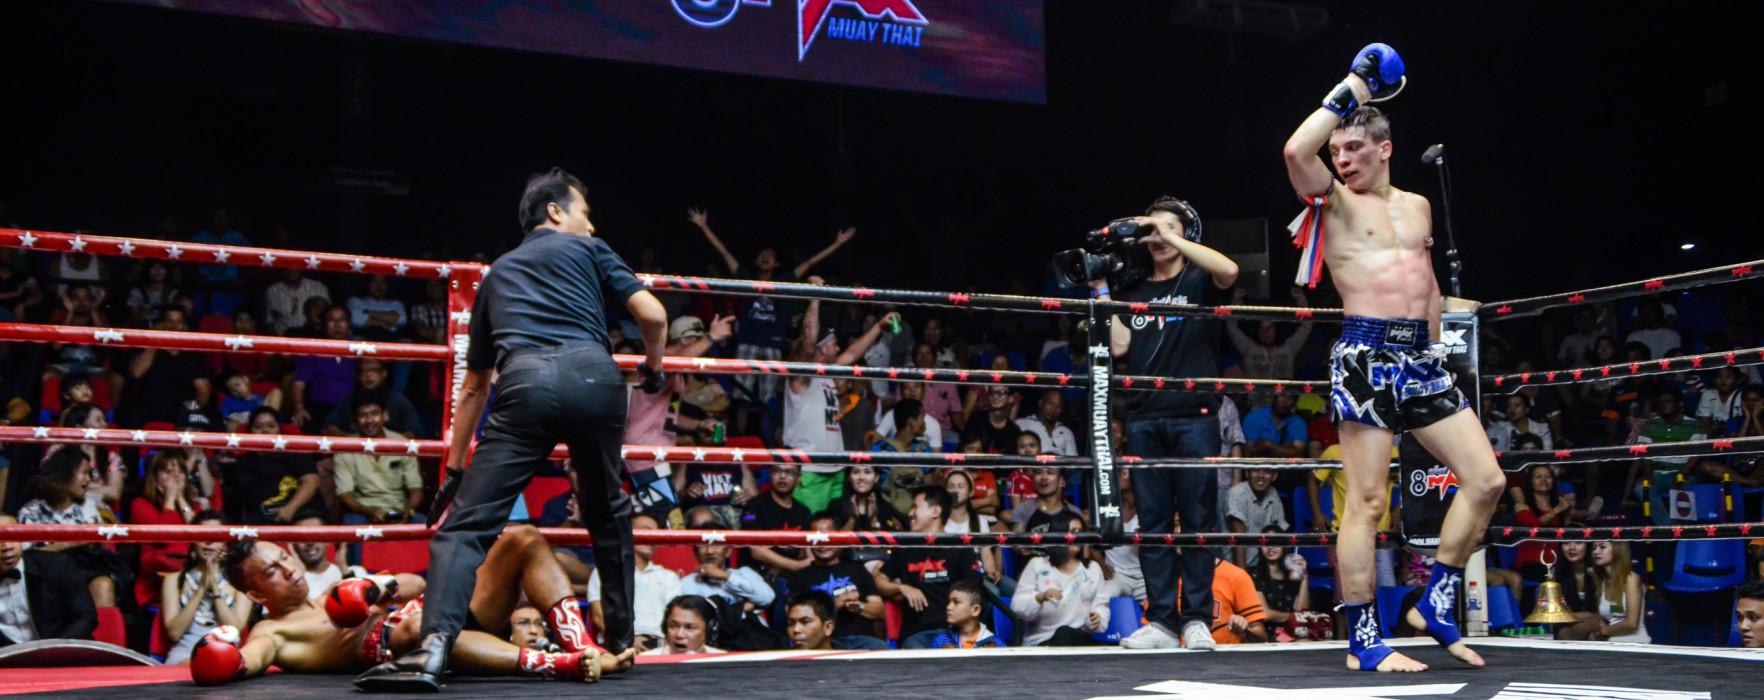 HL of Max Muay Thai tournament KO by Mathias Muay Farang